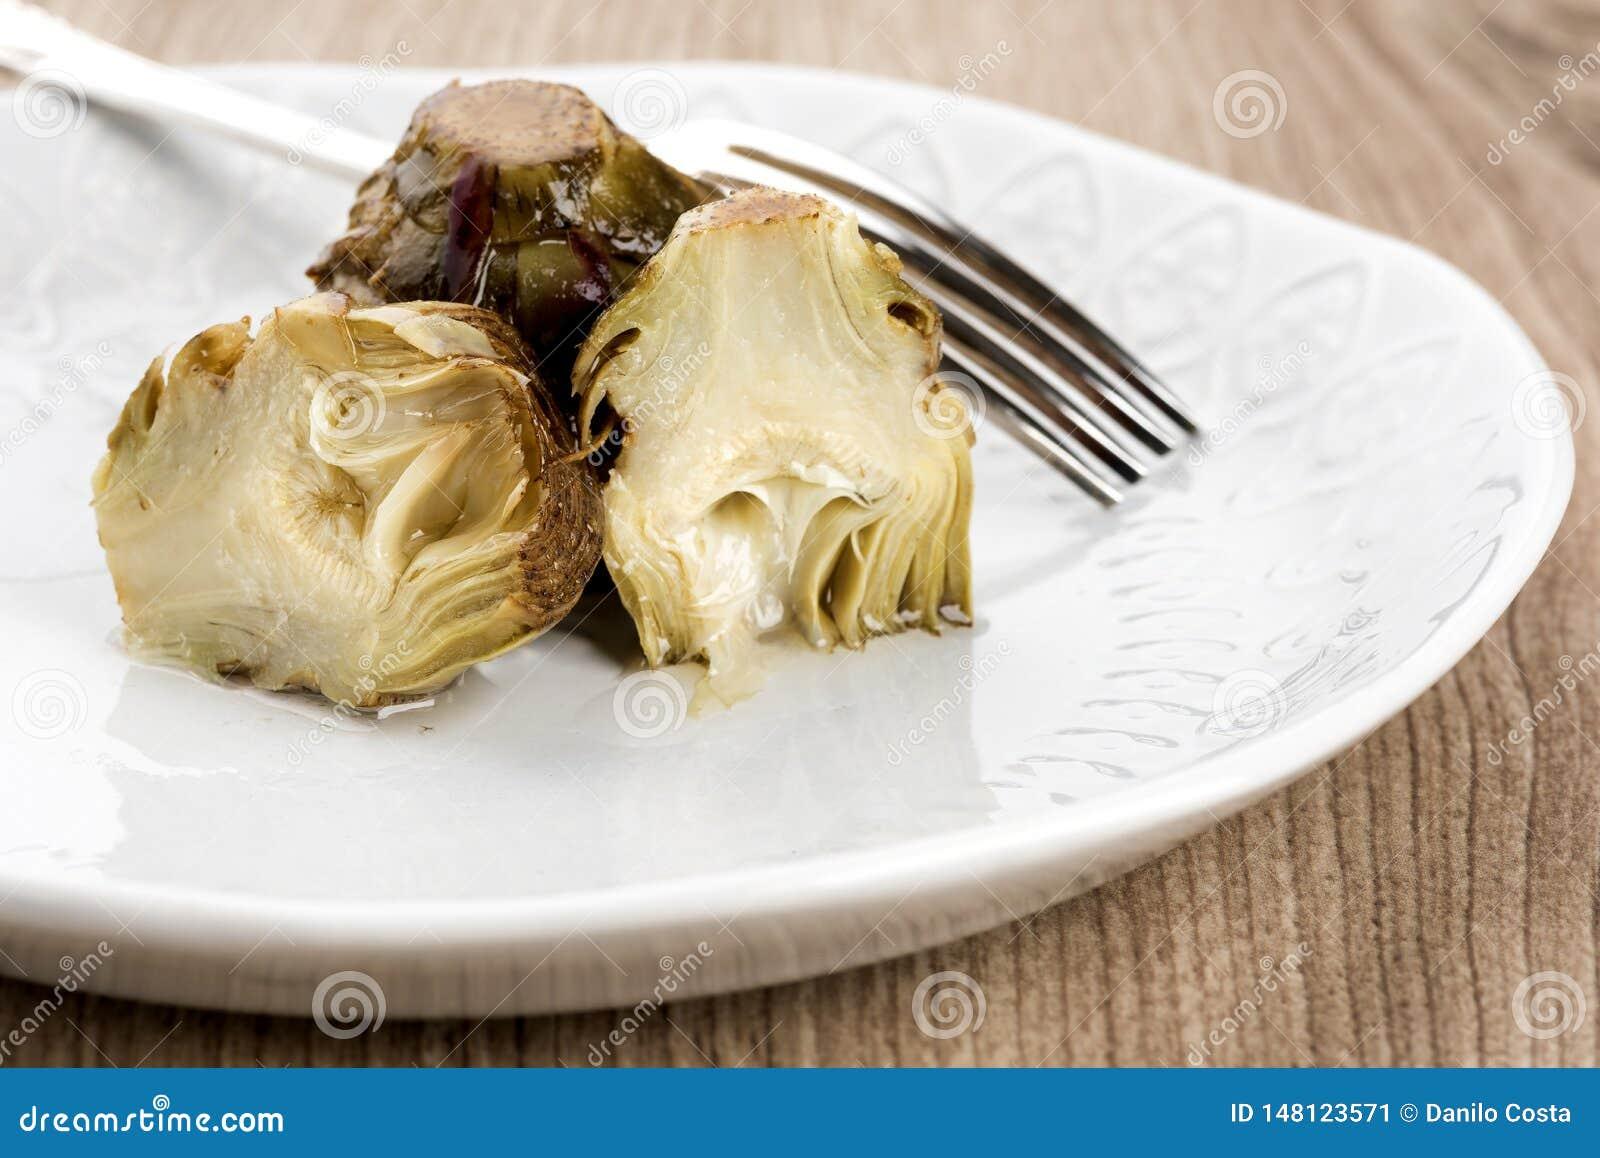 Carciofi in piatti o ciotola con la forcella